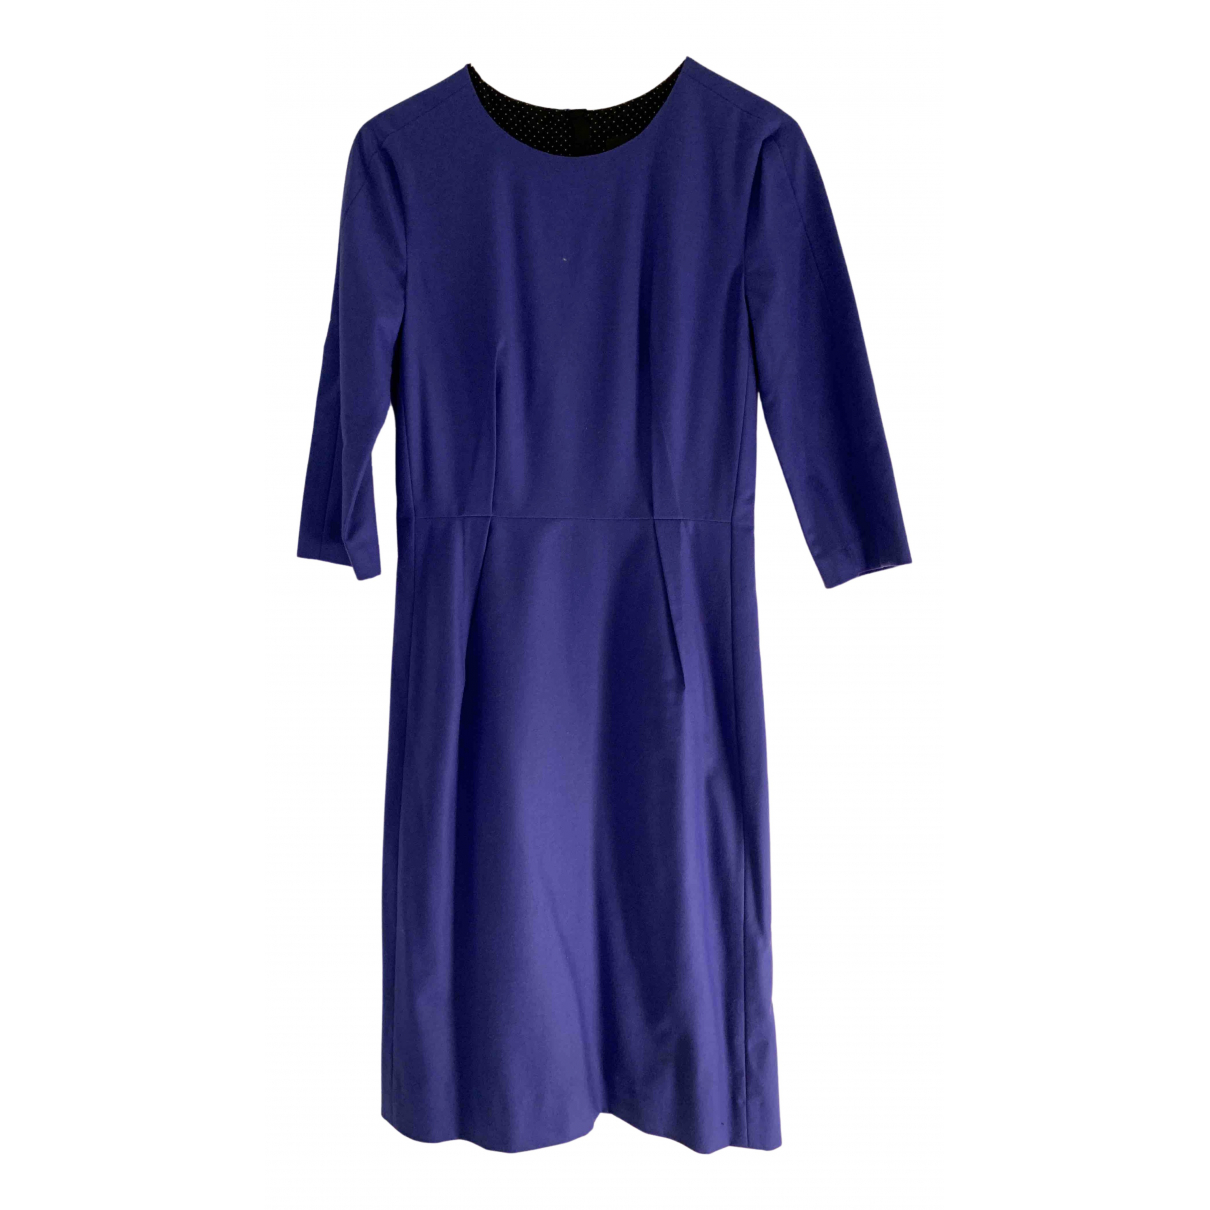 Paul Smith \N Kleid in  Blau Wolle